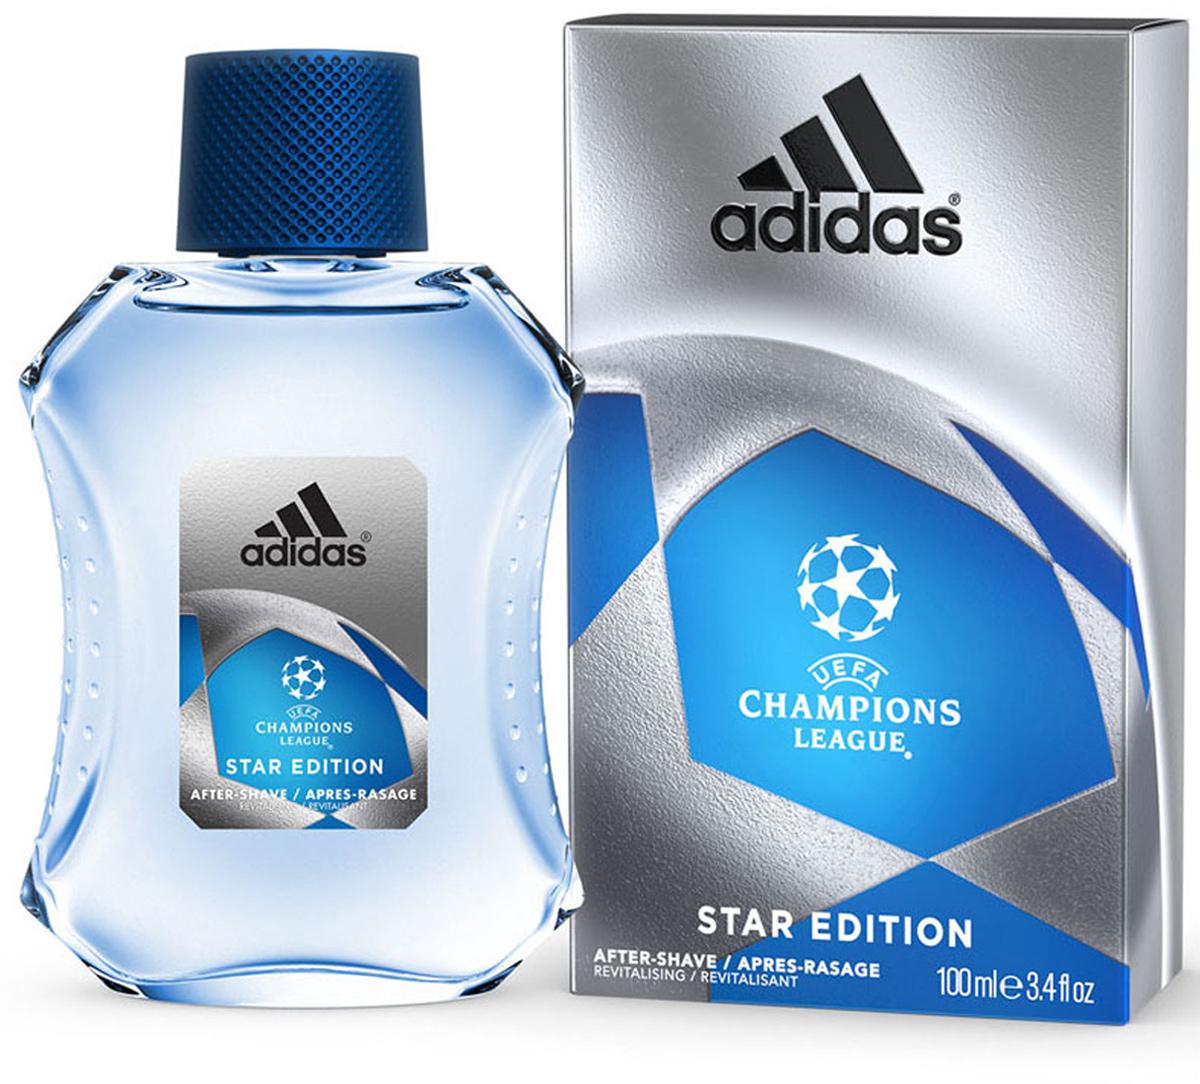 Adidas Лосьон после бритья UEFA II Champions League Star EdItion, 100 мл340005260070/3614221204146Лосьон после бритья Adidas UEFA Champions League Star Edition содержит формулу со специальным комплексом skin protect complex, который защищает кожу, уменьшает раздражение, заряжает энергией. Основные компоненты комплекса:- аллантоин увлажняет и успокаивает кожу, заживляет мелкие порезы;- витамины защищают кожу от антиоксидантов;- минеральные соли заряжают энергией и тонизируют;- спирт обладает антибактериальным действием;- UF фильтры защищают кожу от ультра фиолетовых лучей.